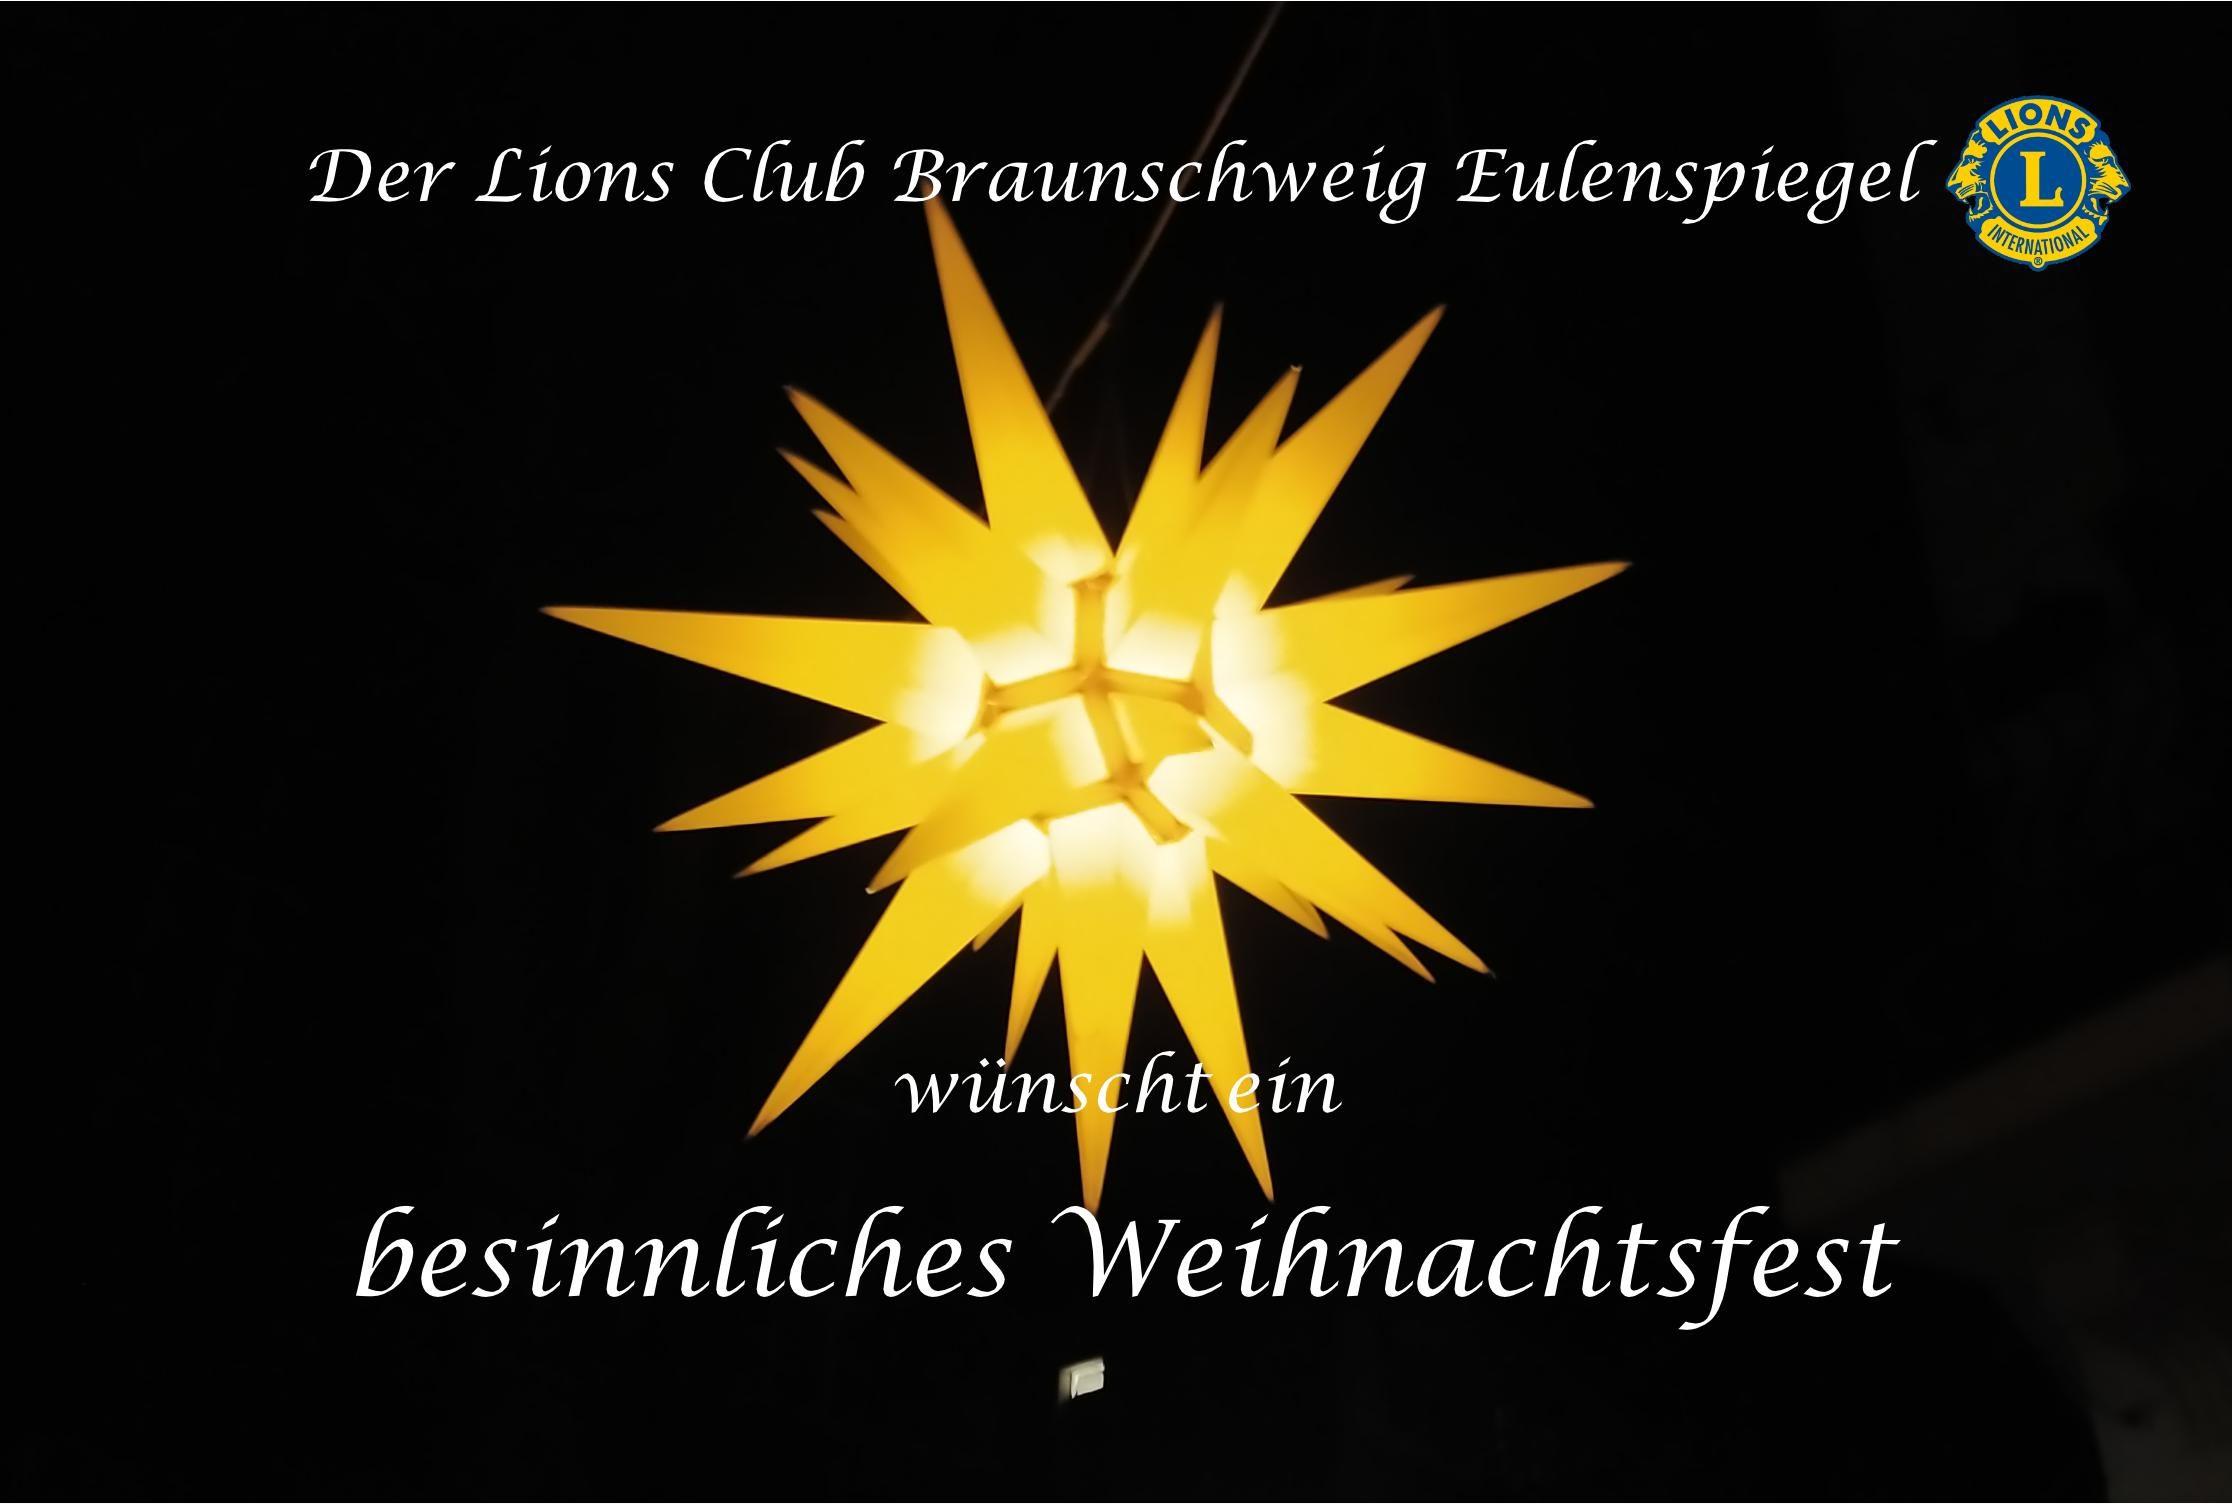 Lions Club Braunschweig Eulenspiegel Weihnachten 2020